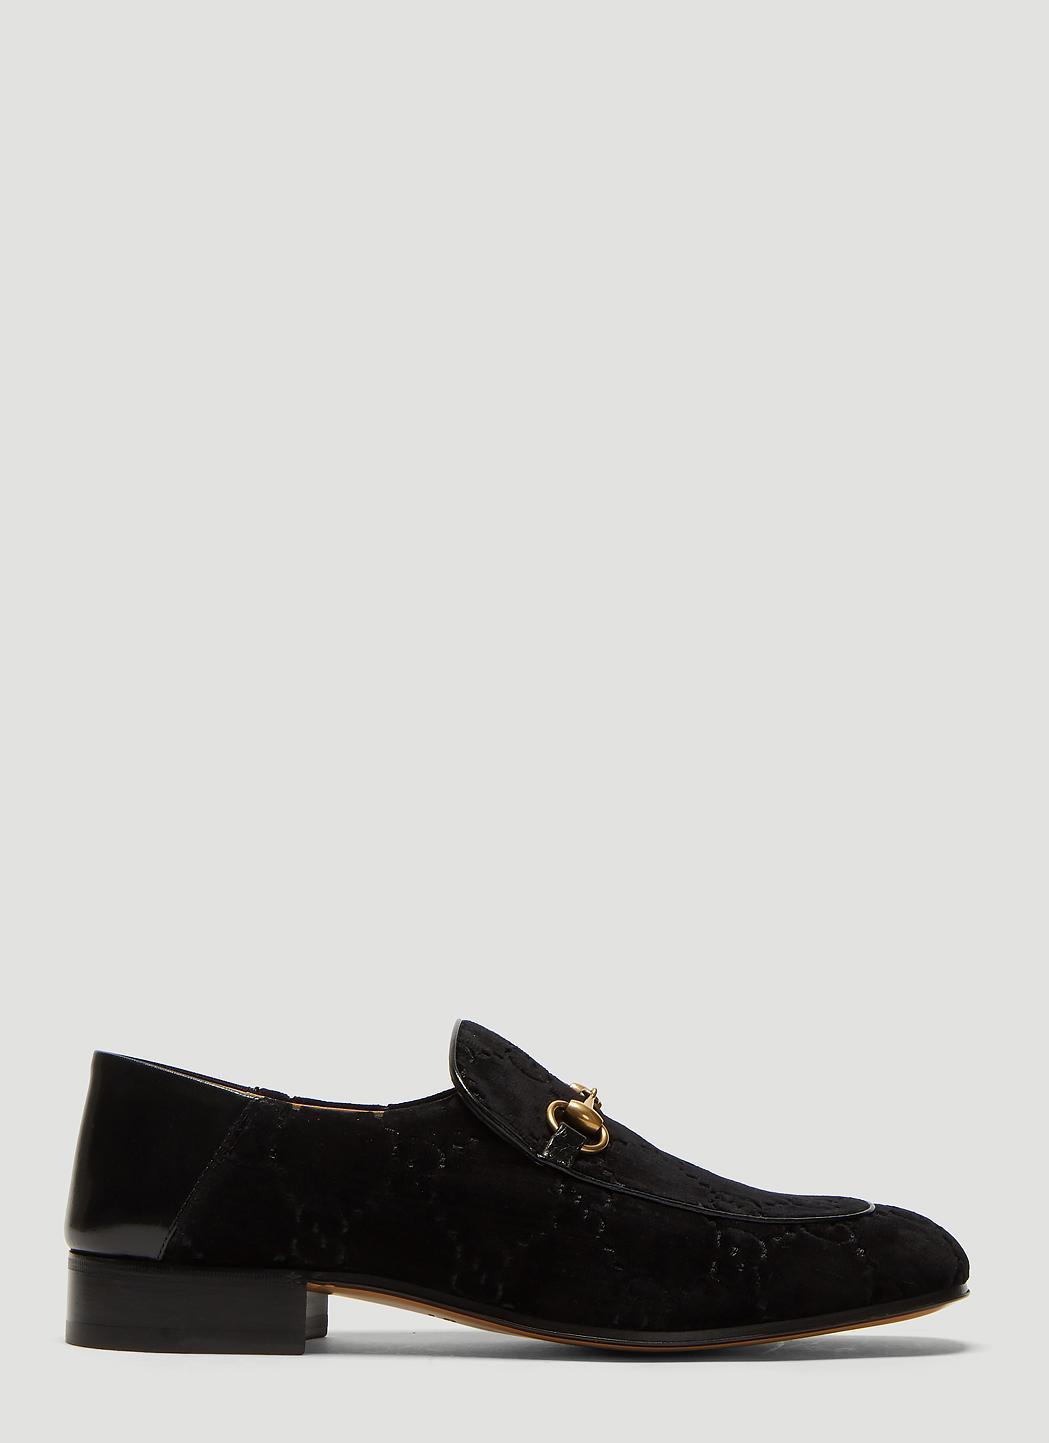 ec92320cd Lyst - Gucci GG Velvet Fold Loafer In Black in Black for Men